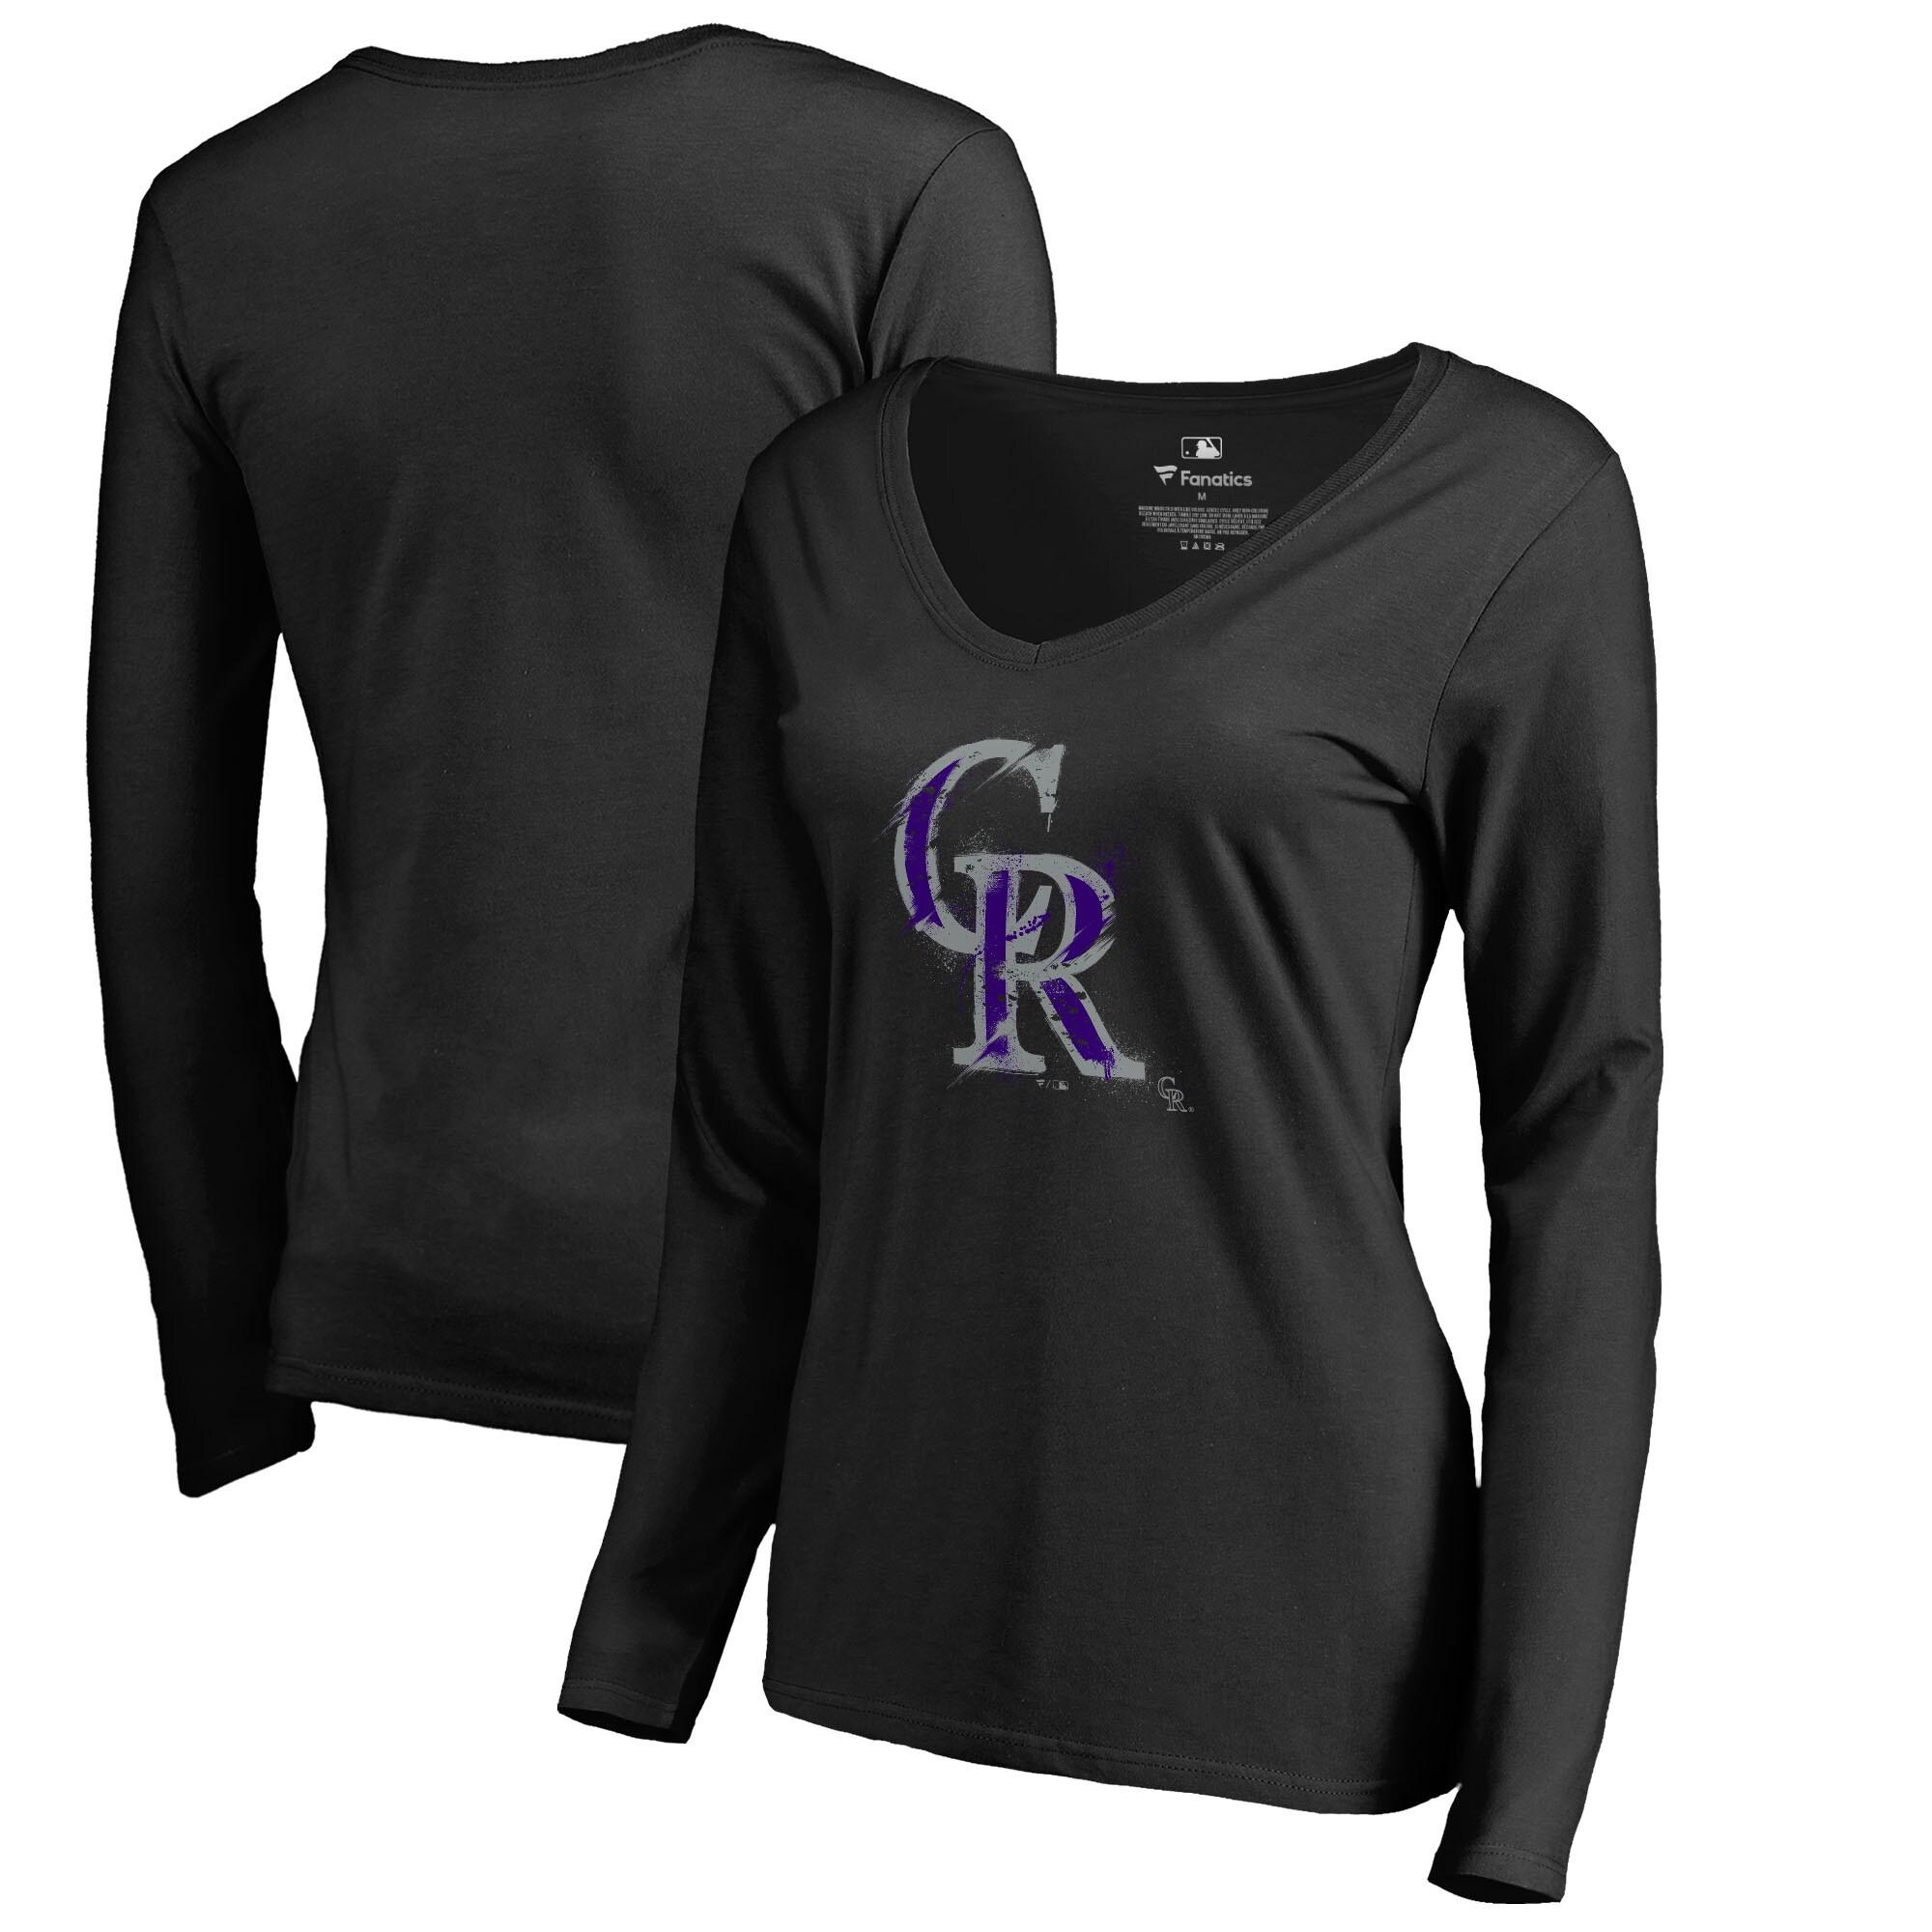 Colorado Rockies Fanatics Branded Women's Splatter Logo Long Sleeve V-Neck T-Shirt - Black